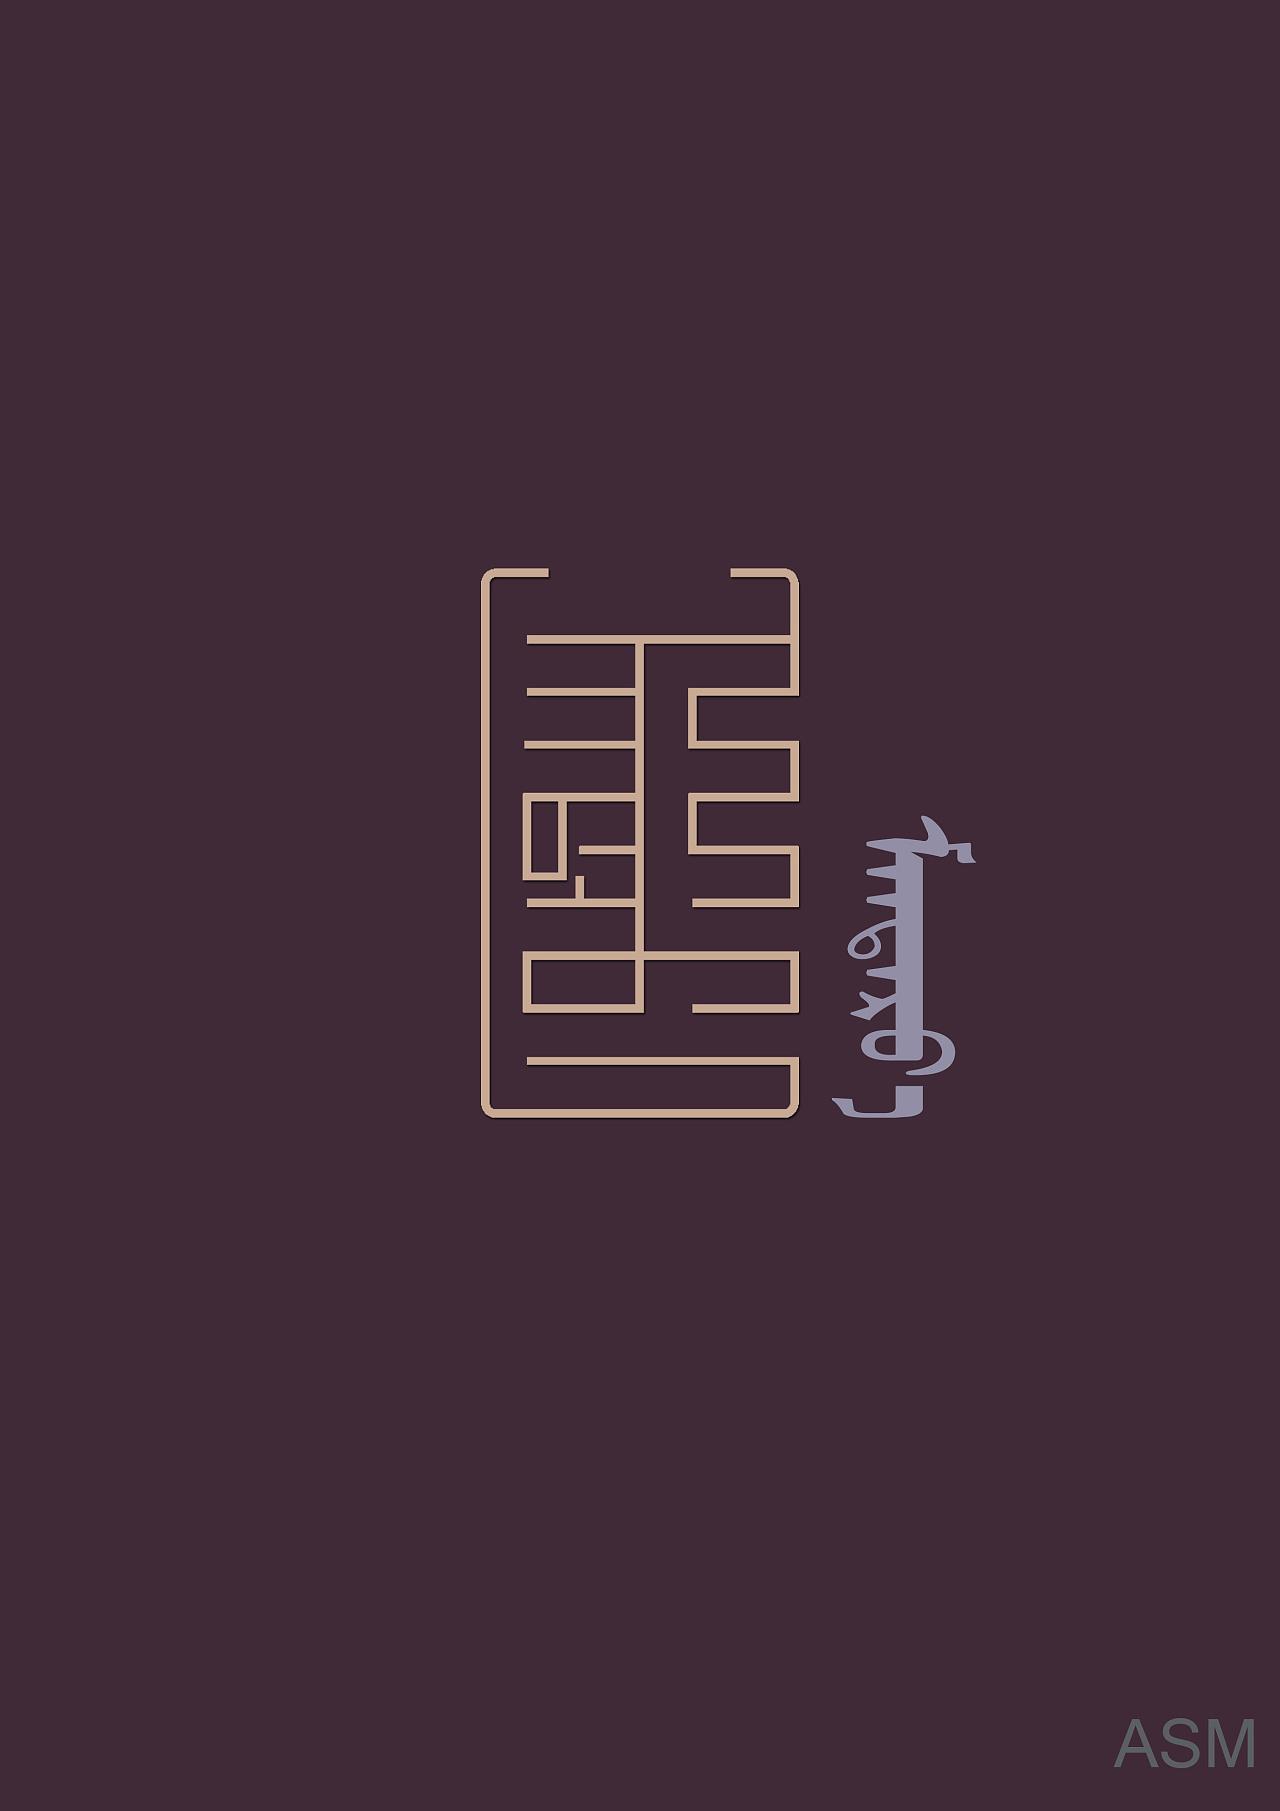 蒙古艺术文字3 -阿斯玛设计 第2张